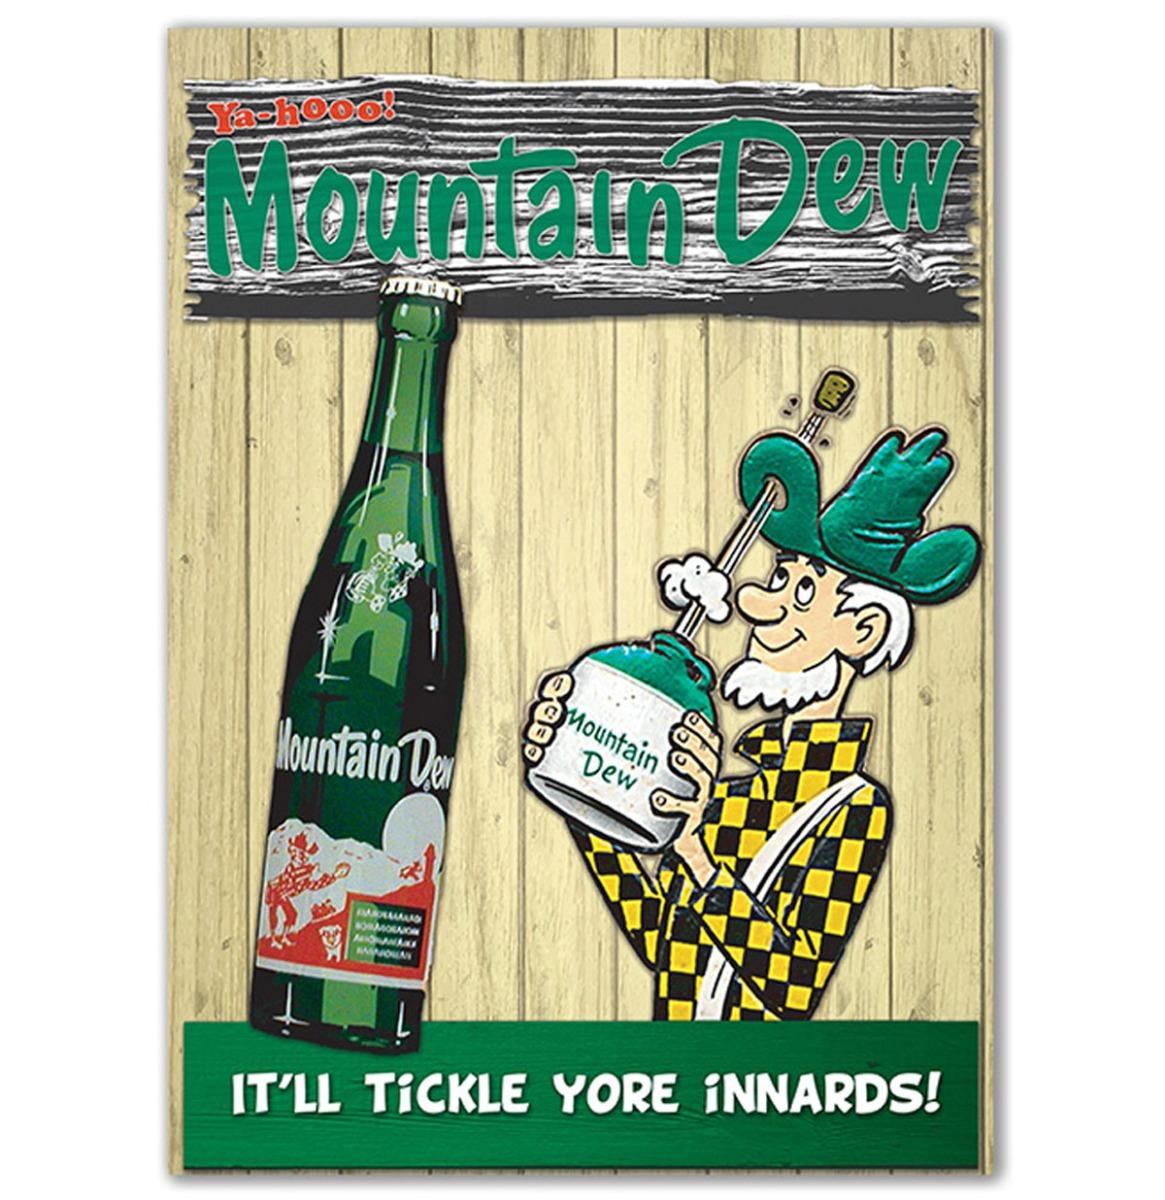 Mountain Dew It'll Tickle yore Innards Metalen Bord Met Reliëf 43 x 31 cm